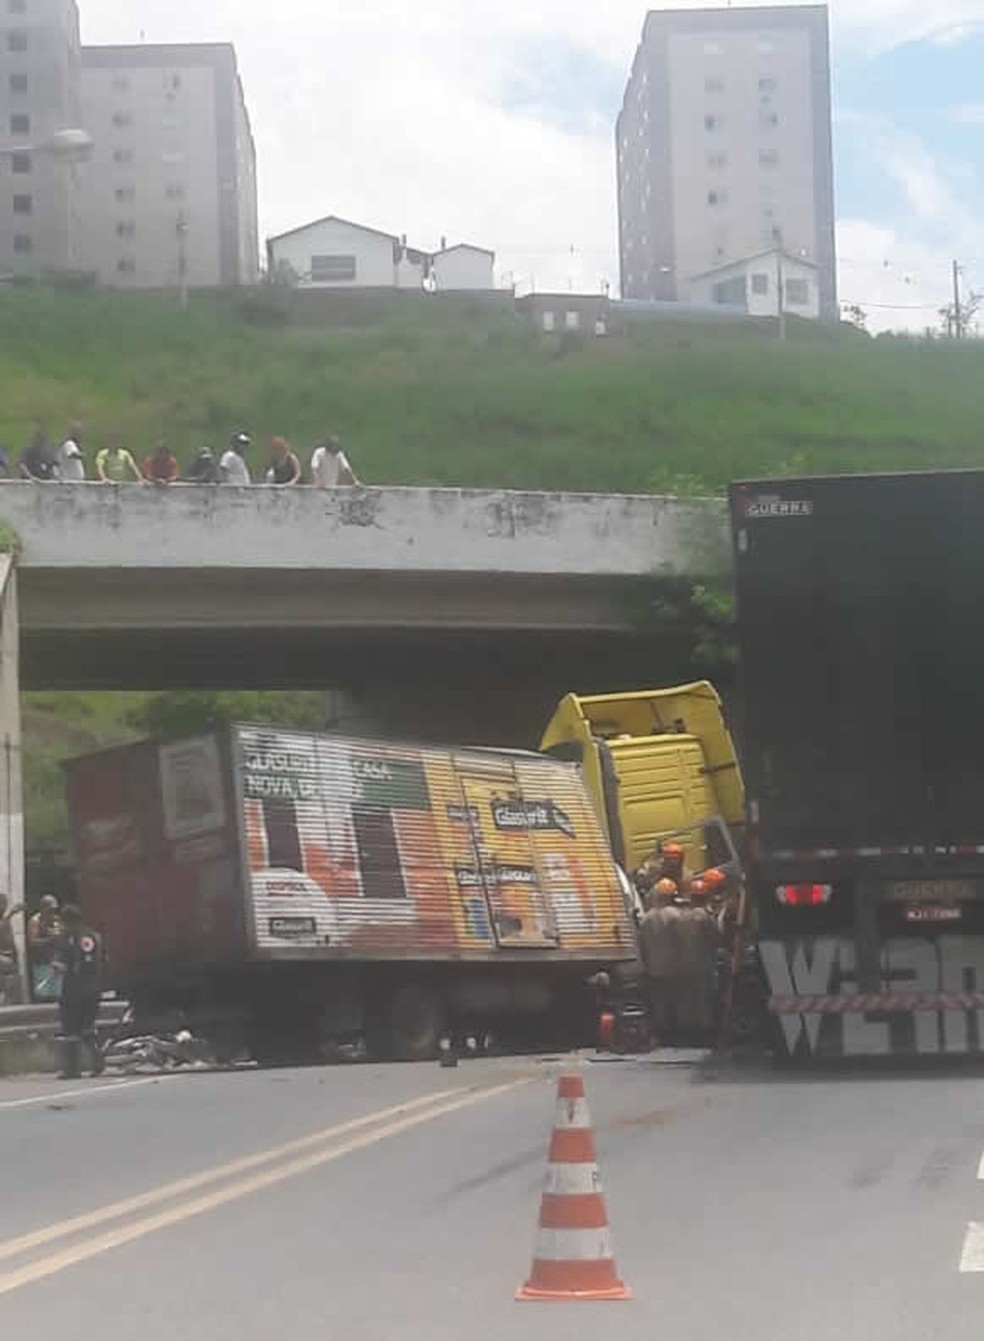 Acidente entre caminhão e carreta em Volta Redonda — Foto: Reprodução/Redes sociais